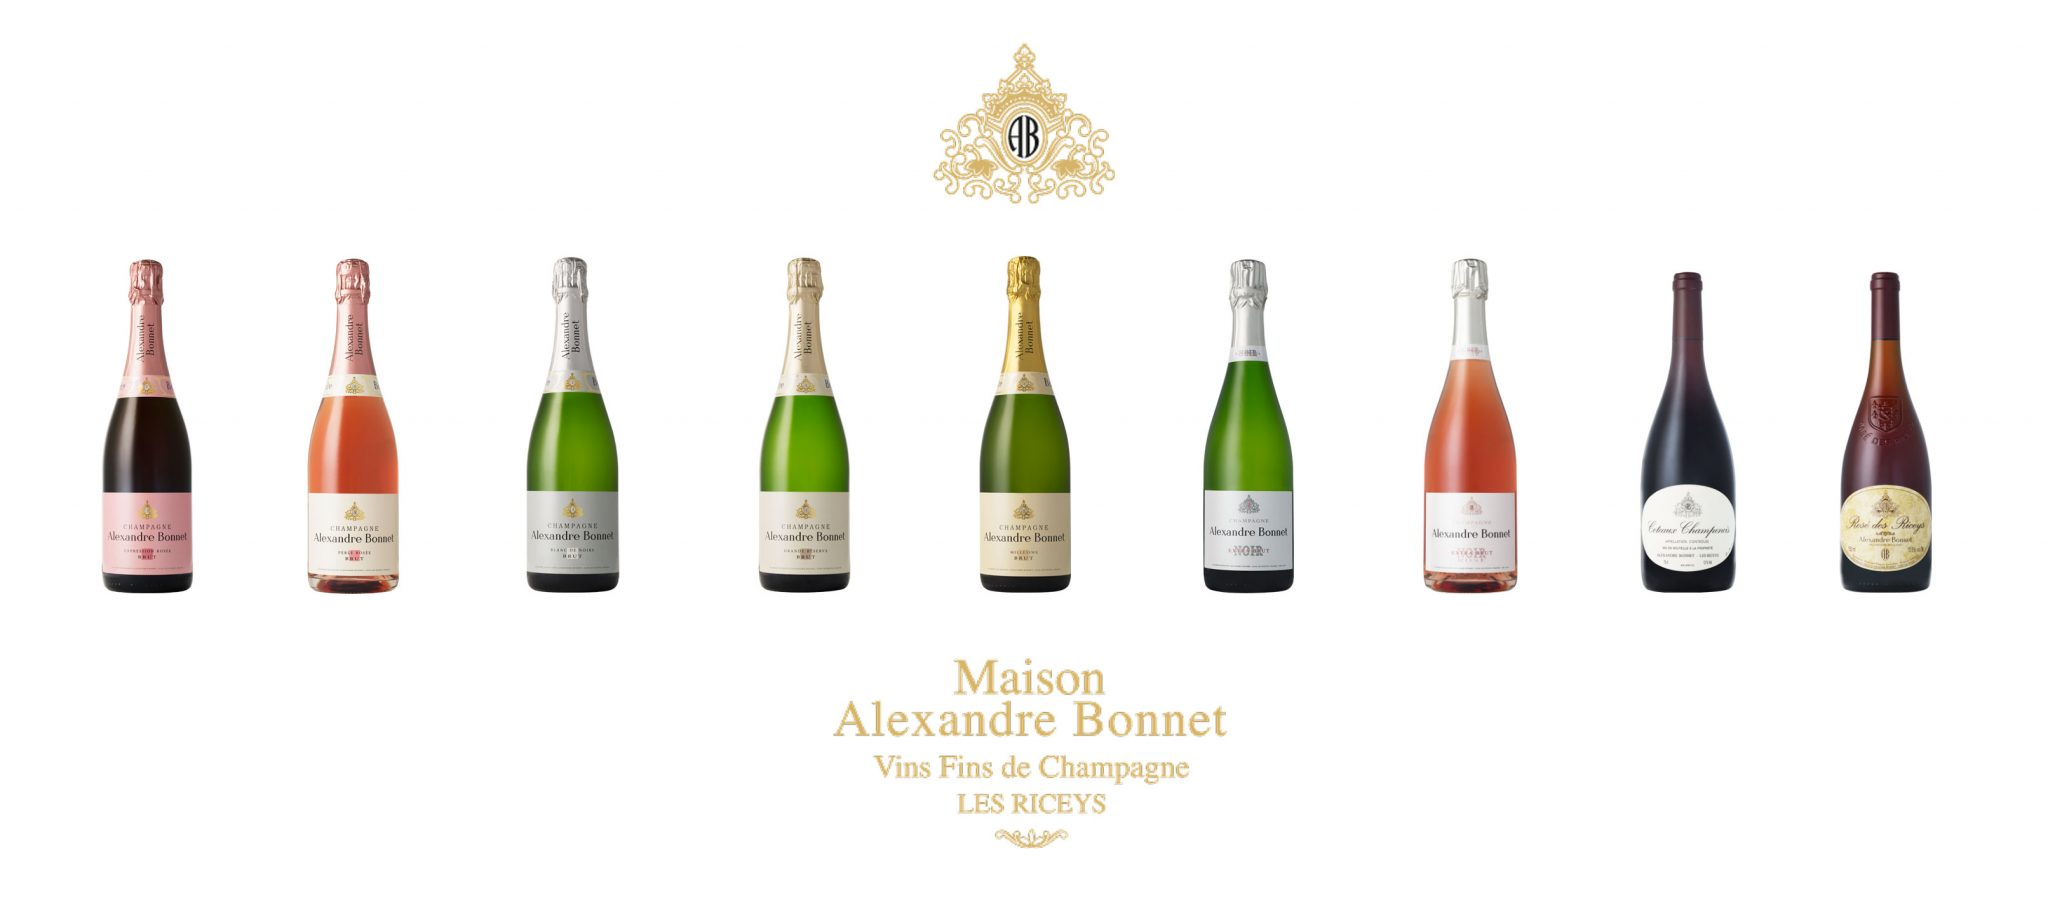 Champagne Alexandre Bonnet